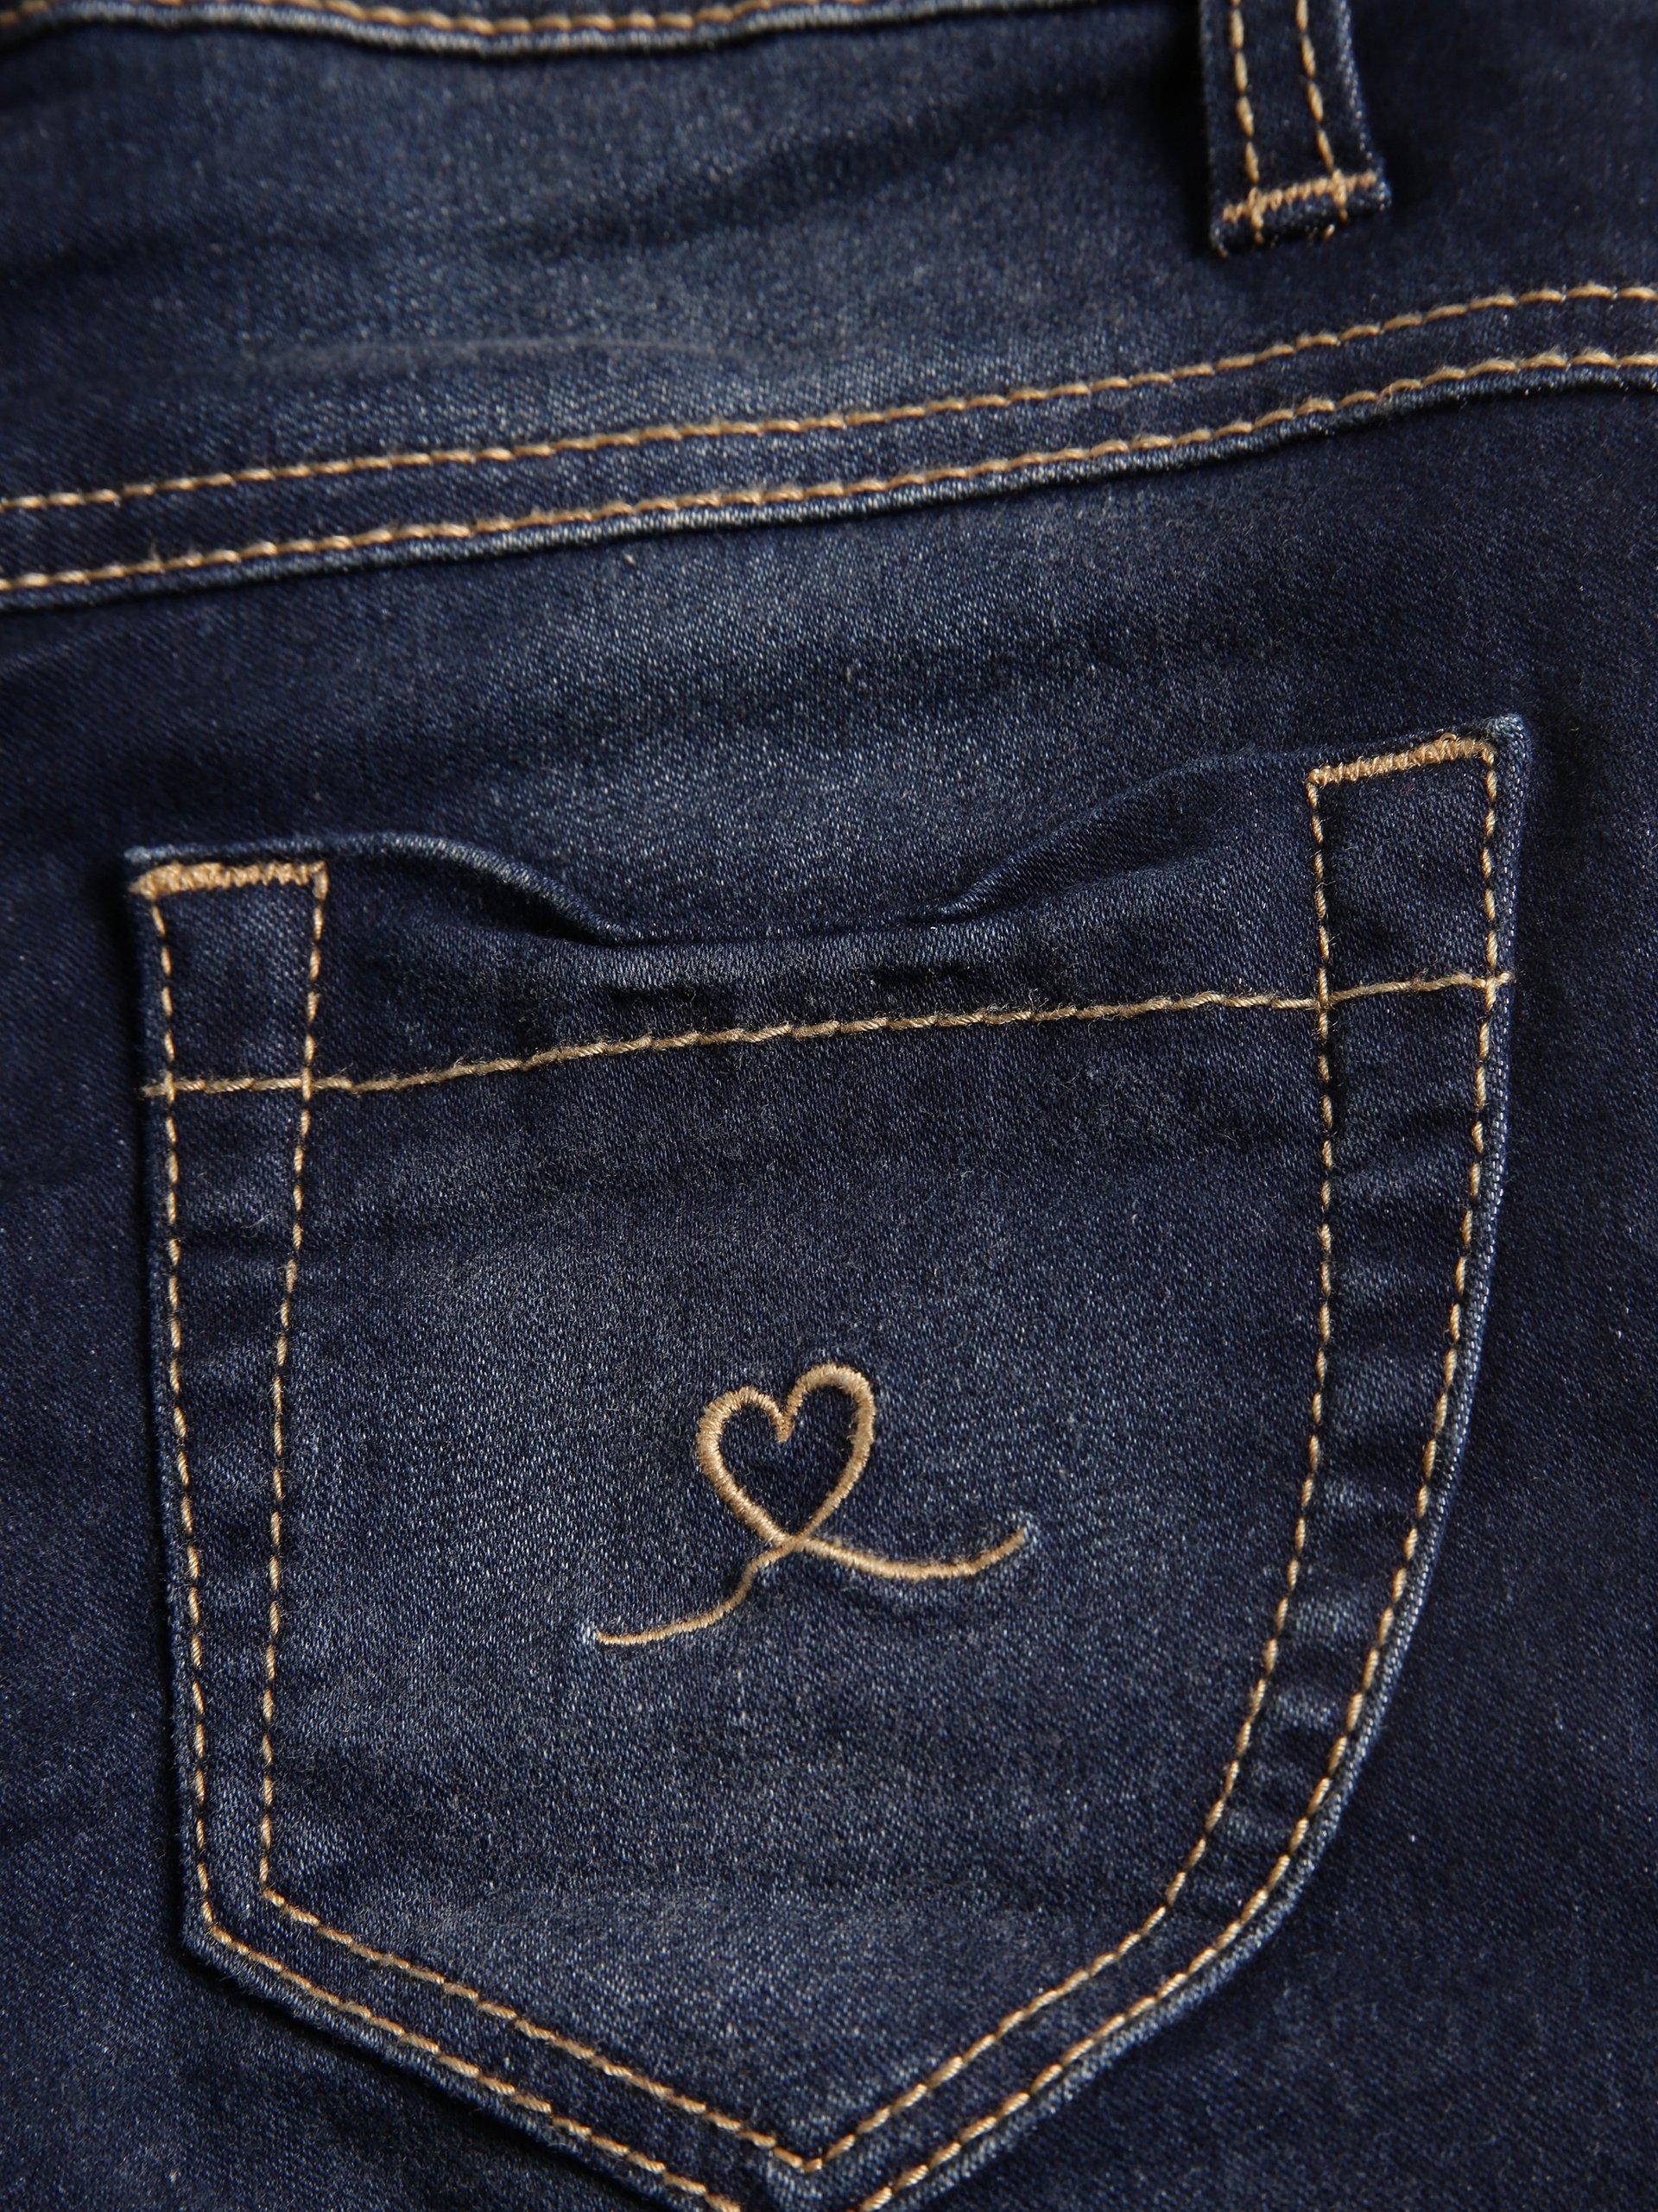 s.Oliver Mädchen Jeans Regular Fit Regular - Kathy